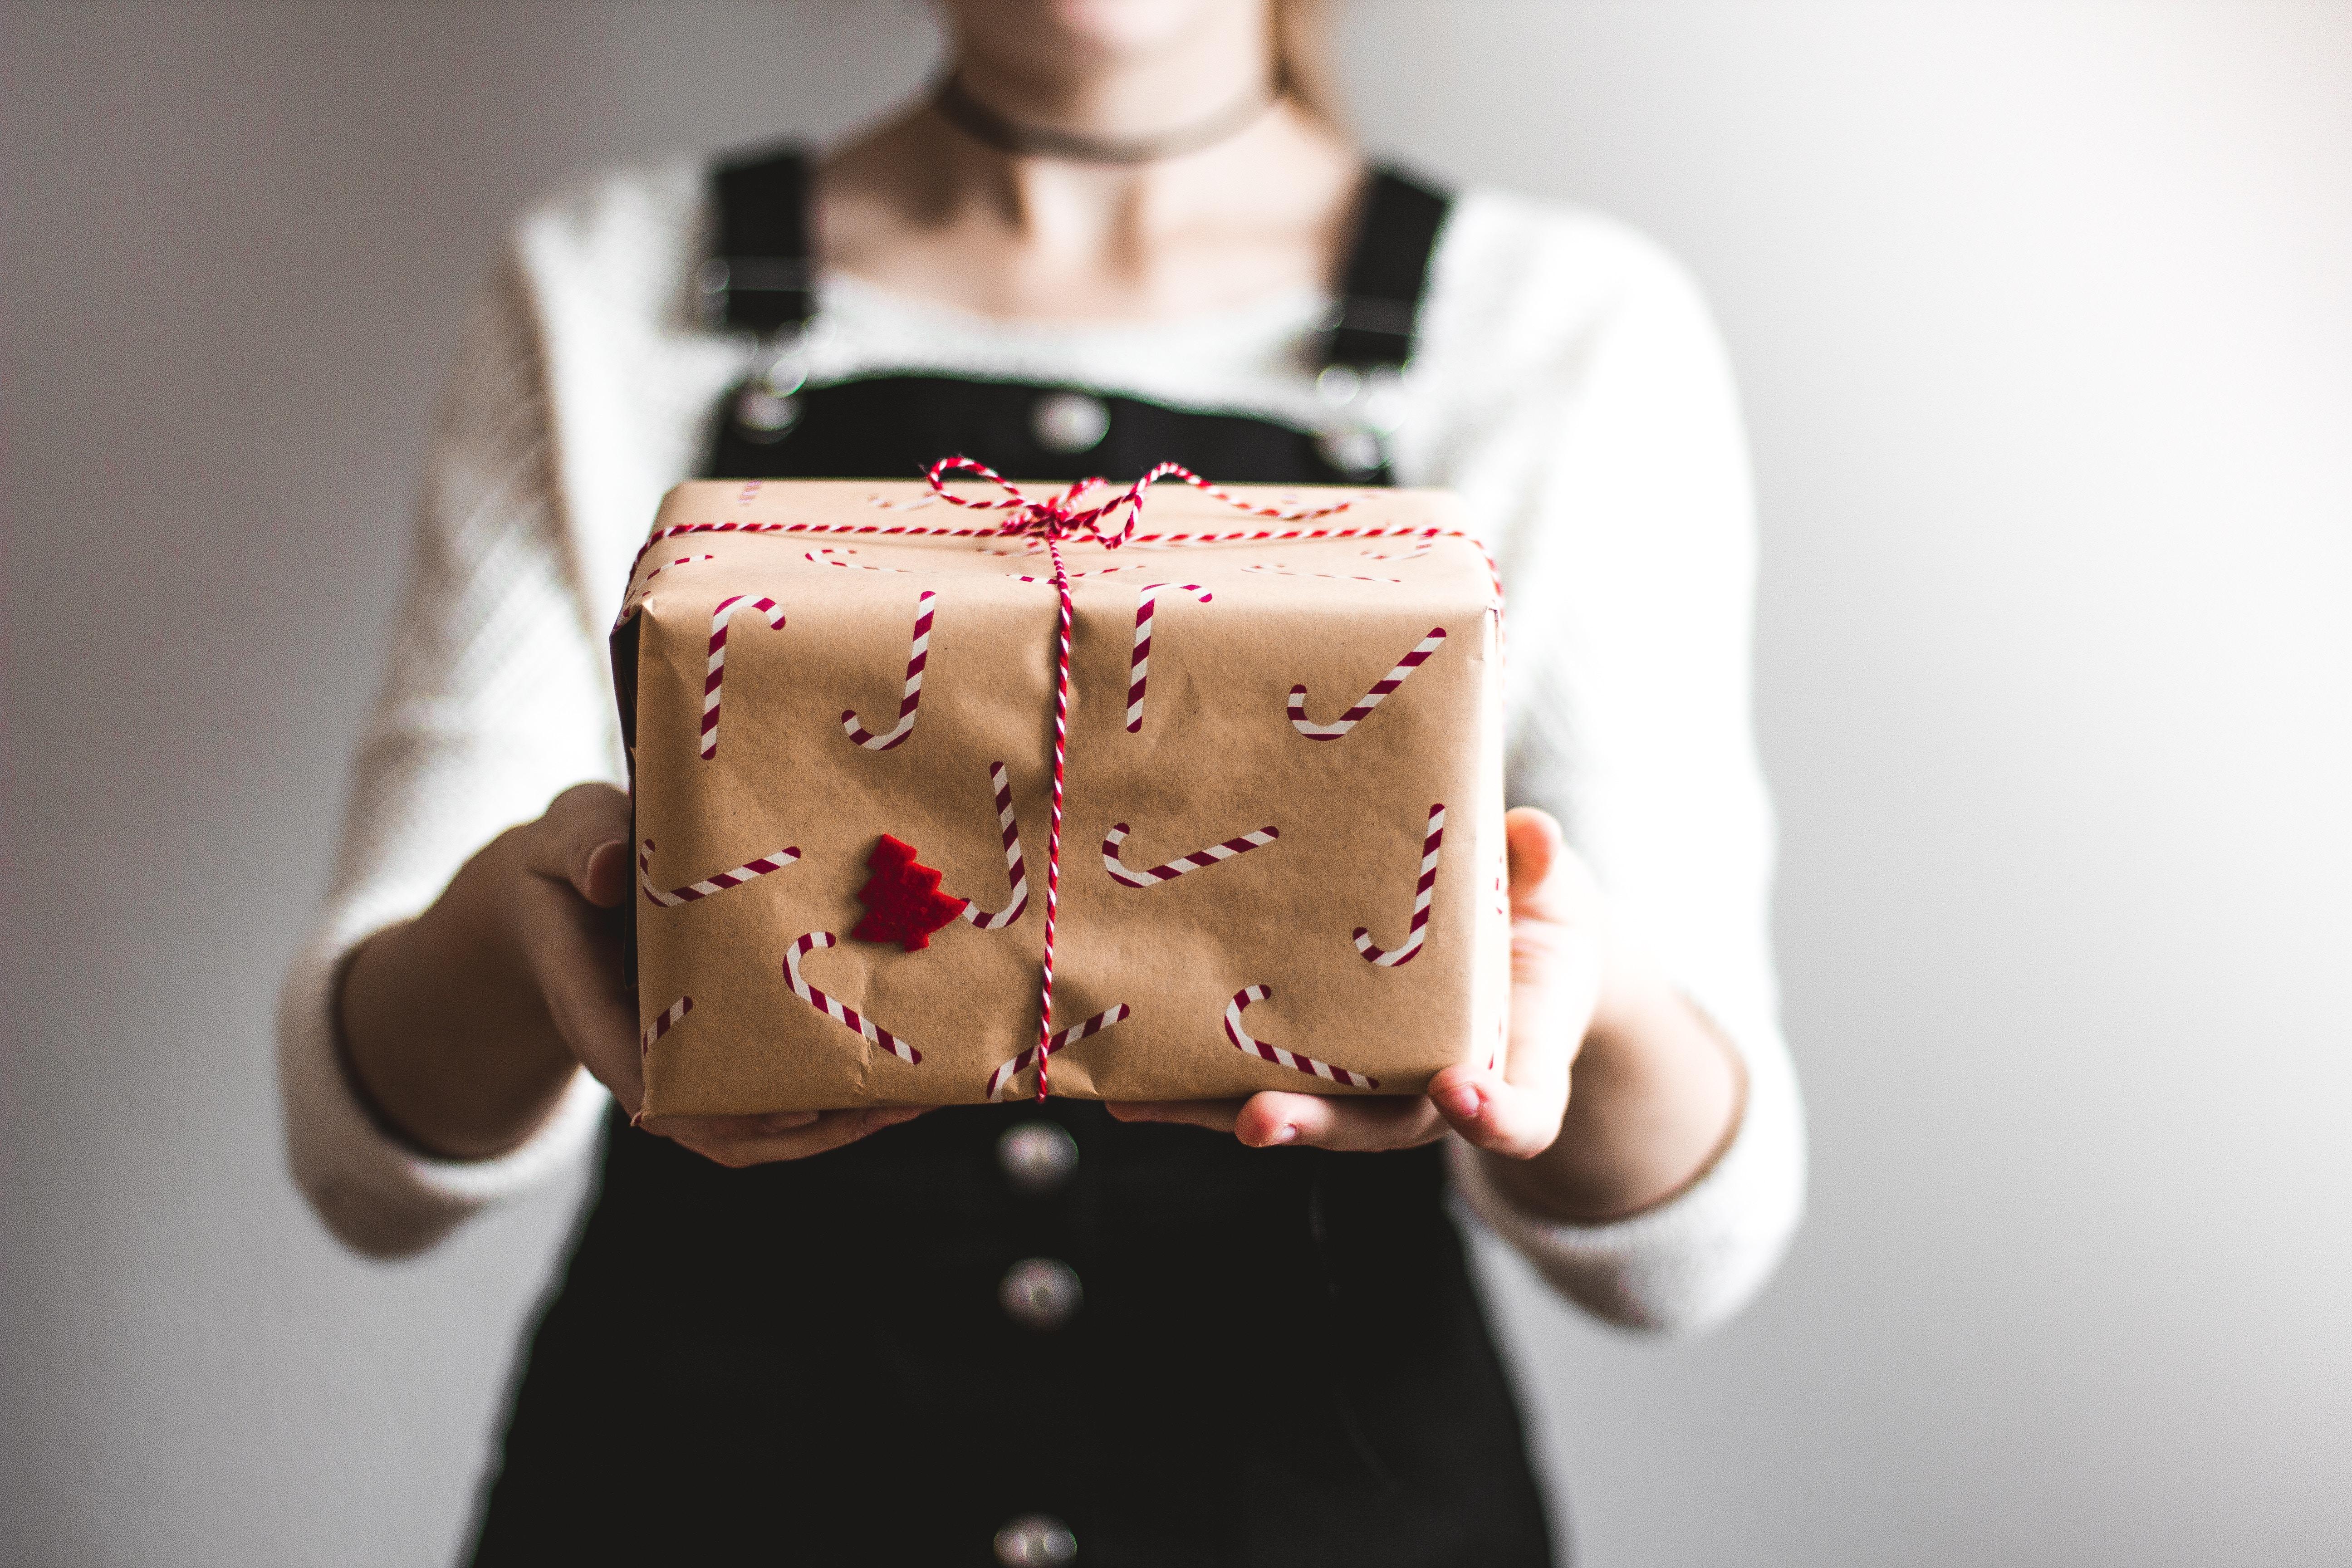 Τα 7 χριστουγεννιάτικα δώρα που θα αγαπήσει κάθε ιατρικός επισκέπτης